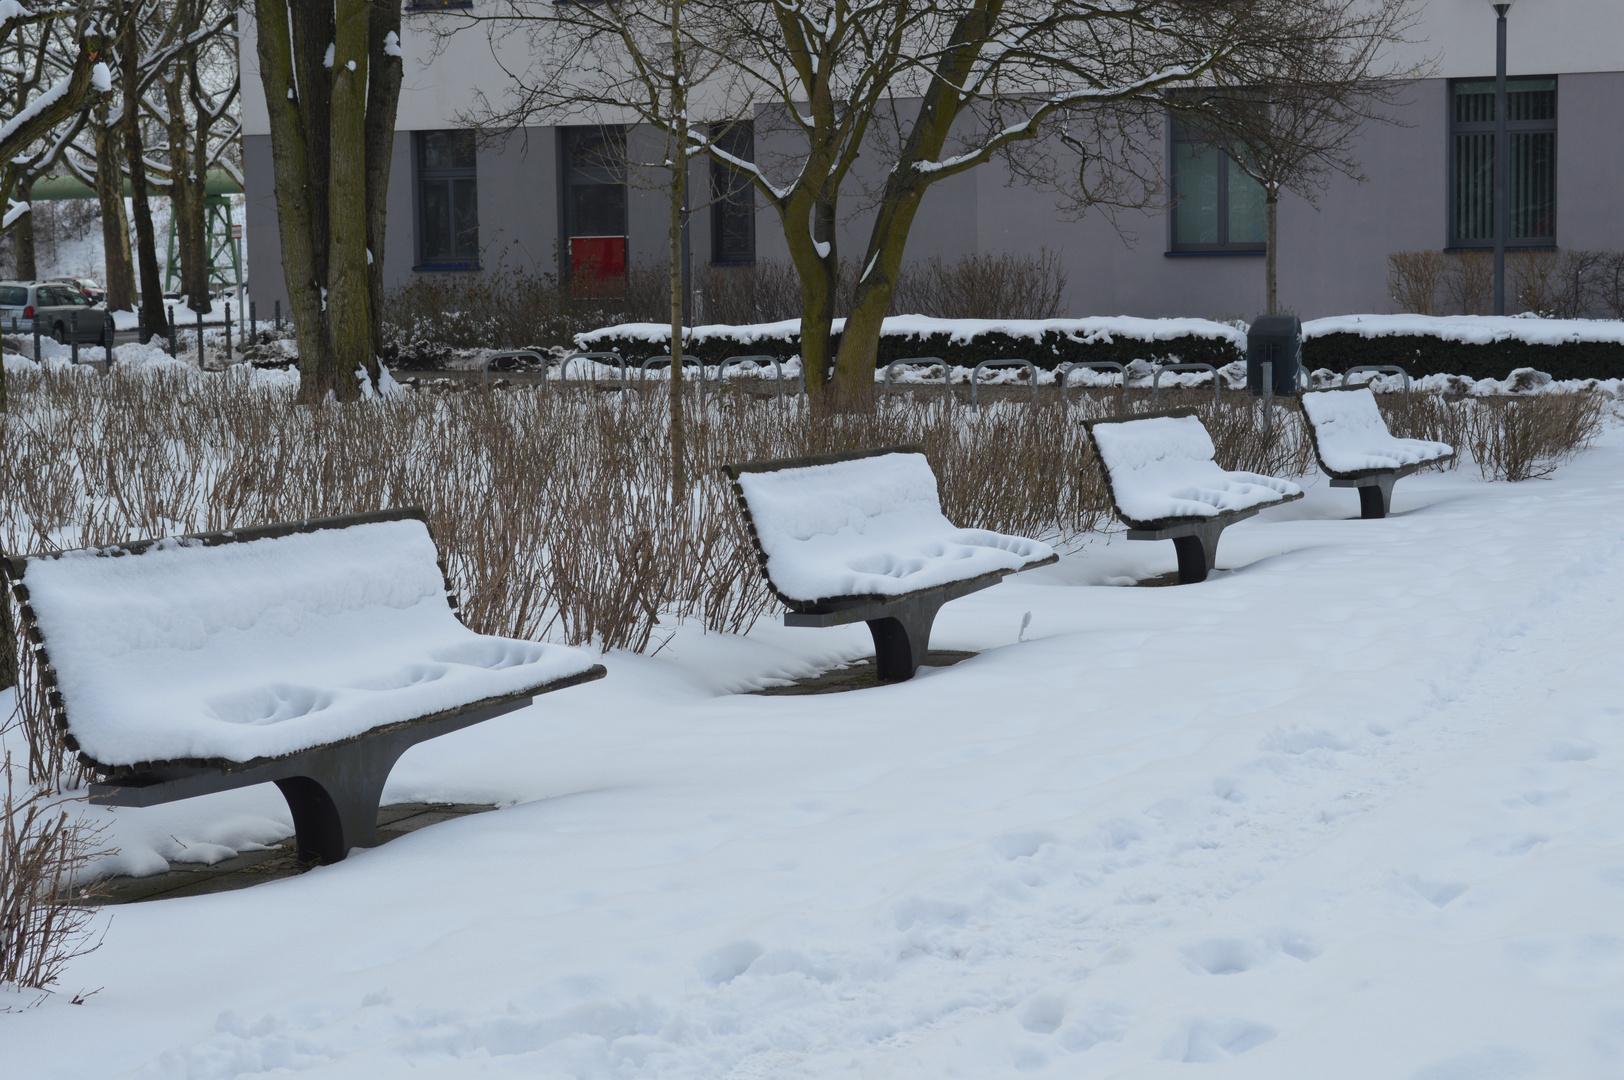 der Winter hat sich niedergelassen